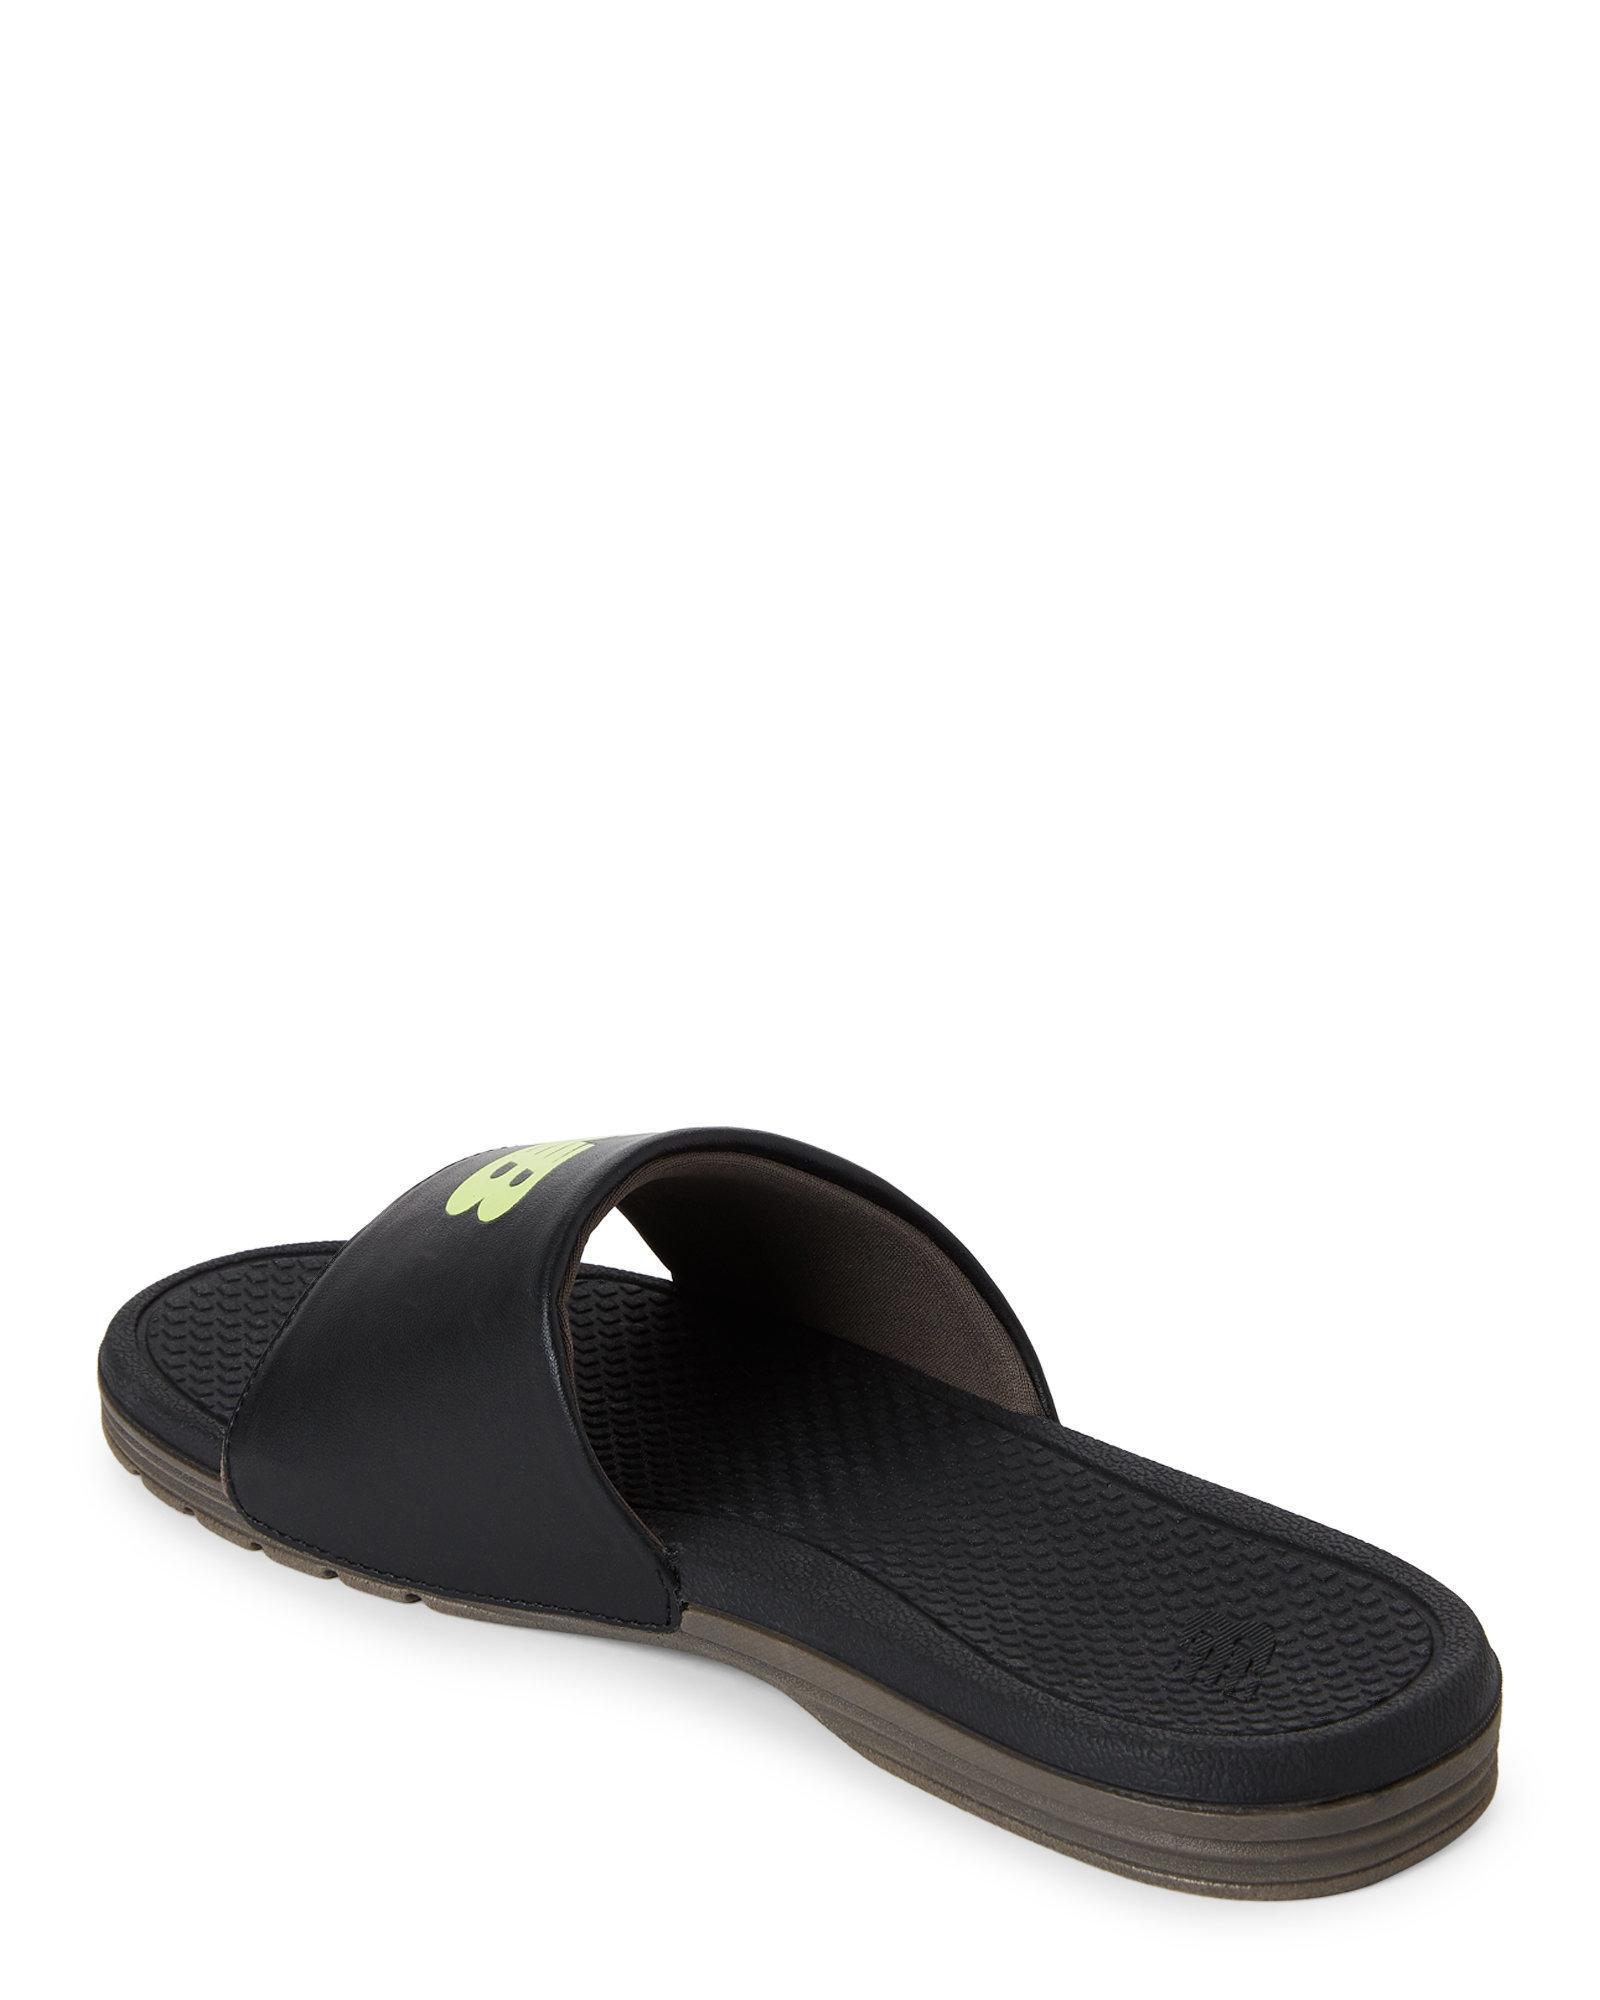 4c339af90285 Lyst - New Balance Black   Green Pro Slides in Black for Men